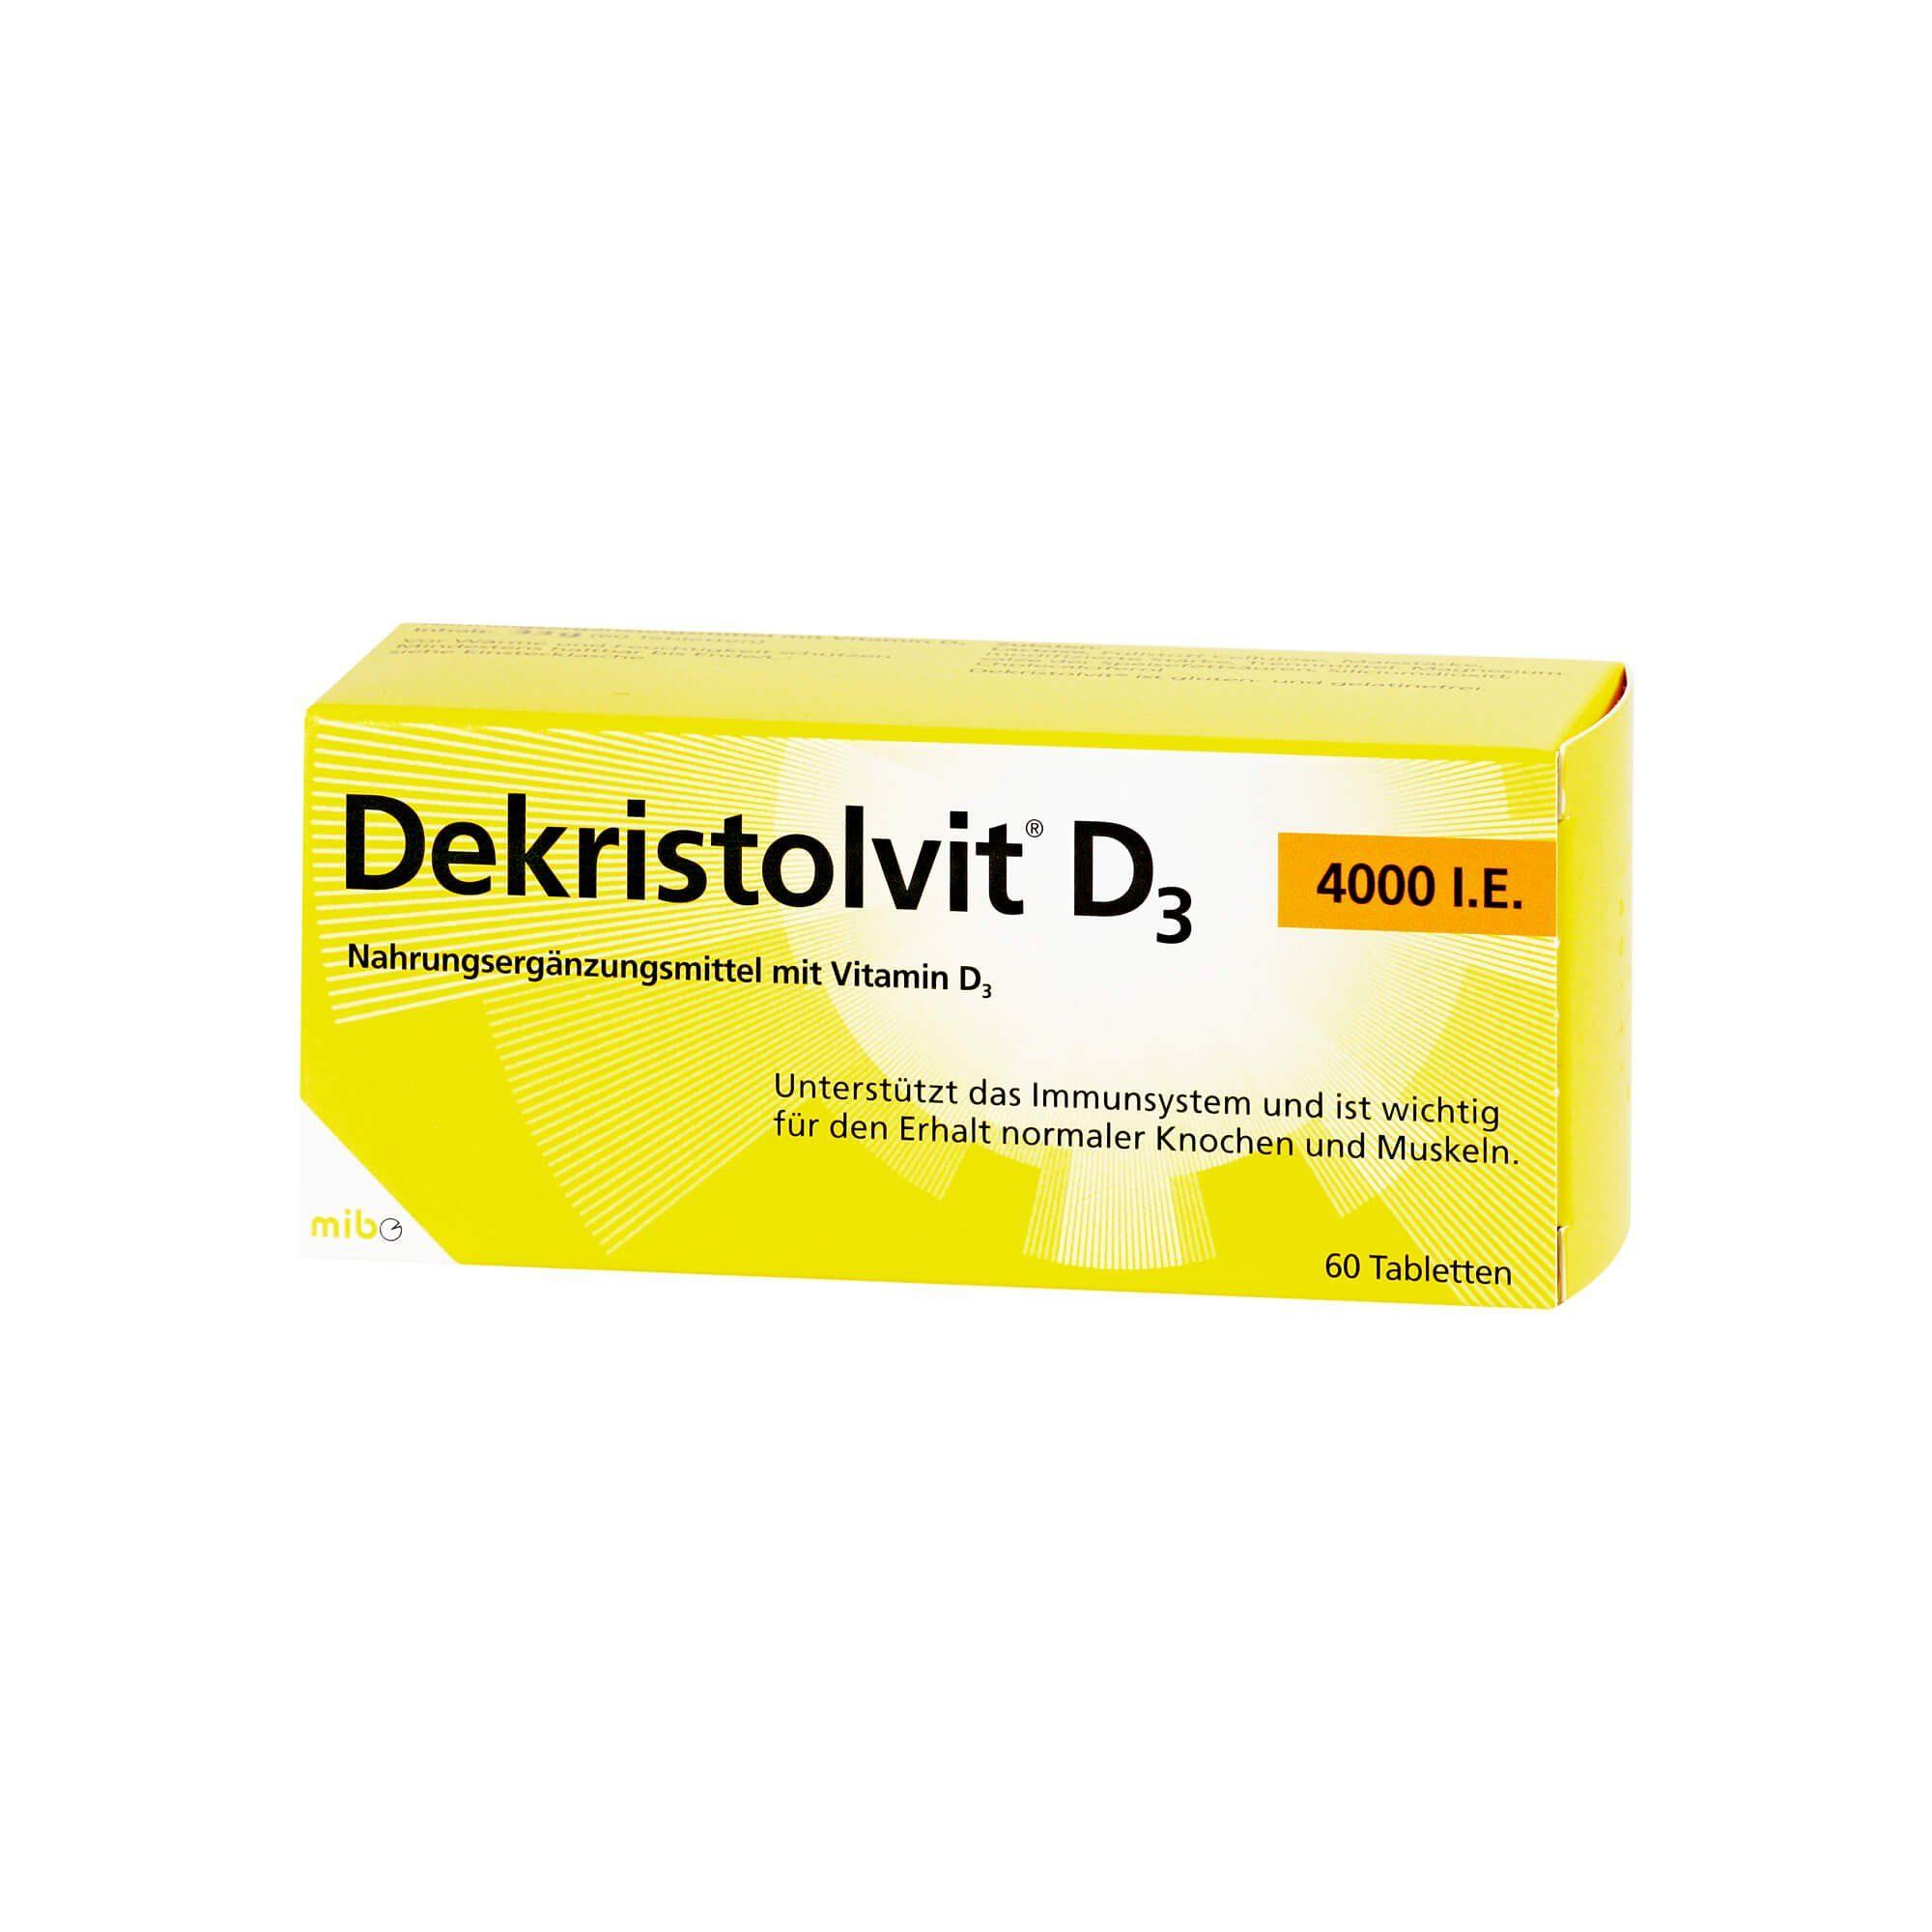 Dekristolvit D3 4000 I.E. , 60 St